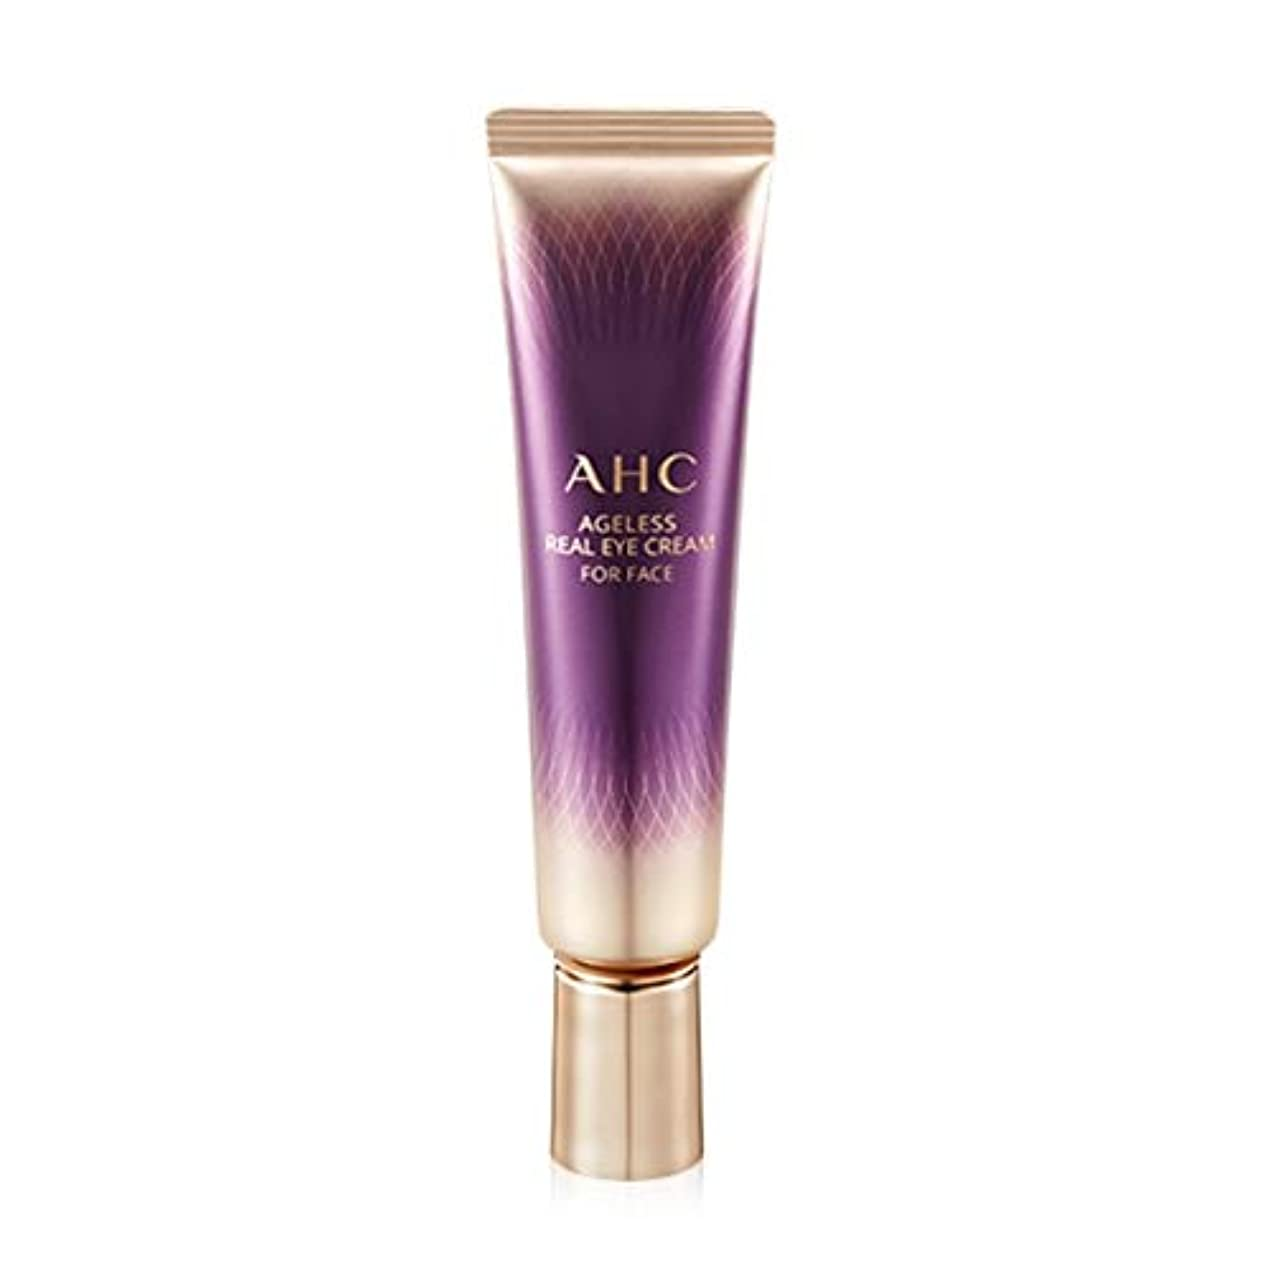 強大なピボット顧問[New] AHC Ageless Real Eye Cream For Face Season 7 30ml / AHC エイジレス リアル アイクリーム フォーフェイス 30ml [並行輸入品]